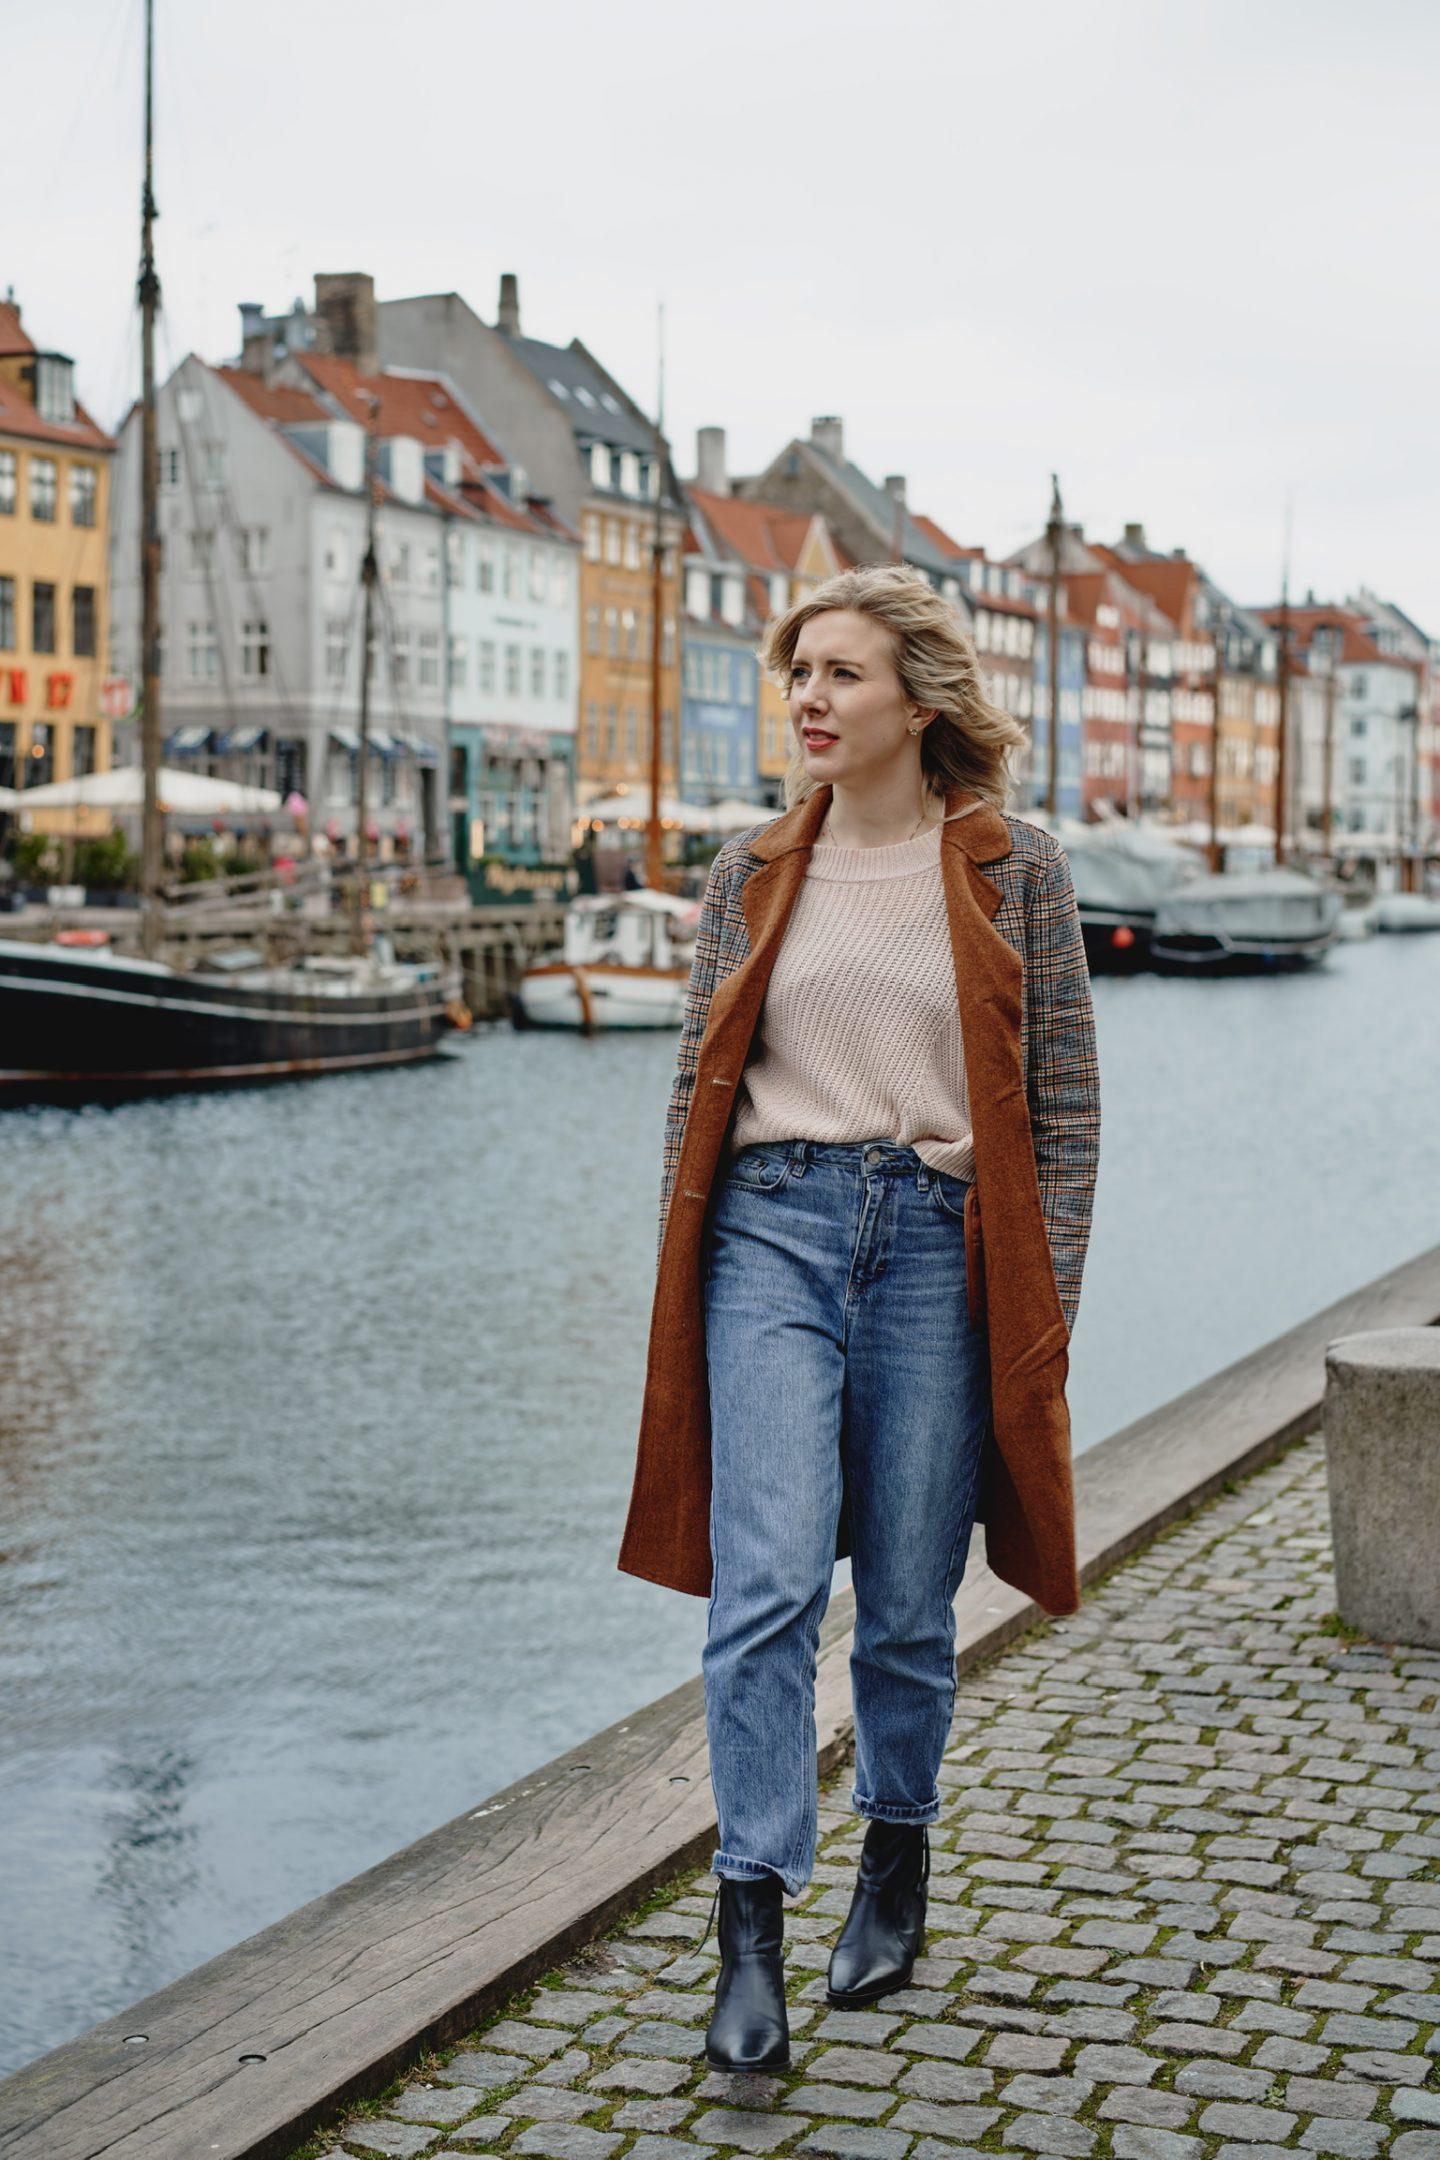 Leaving Denmark